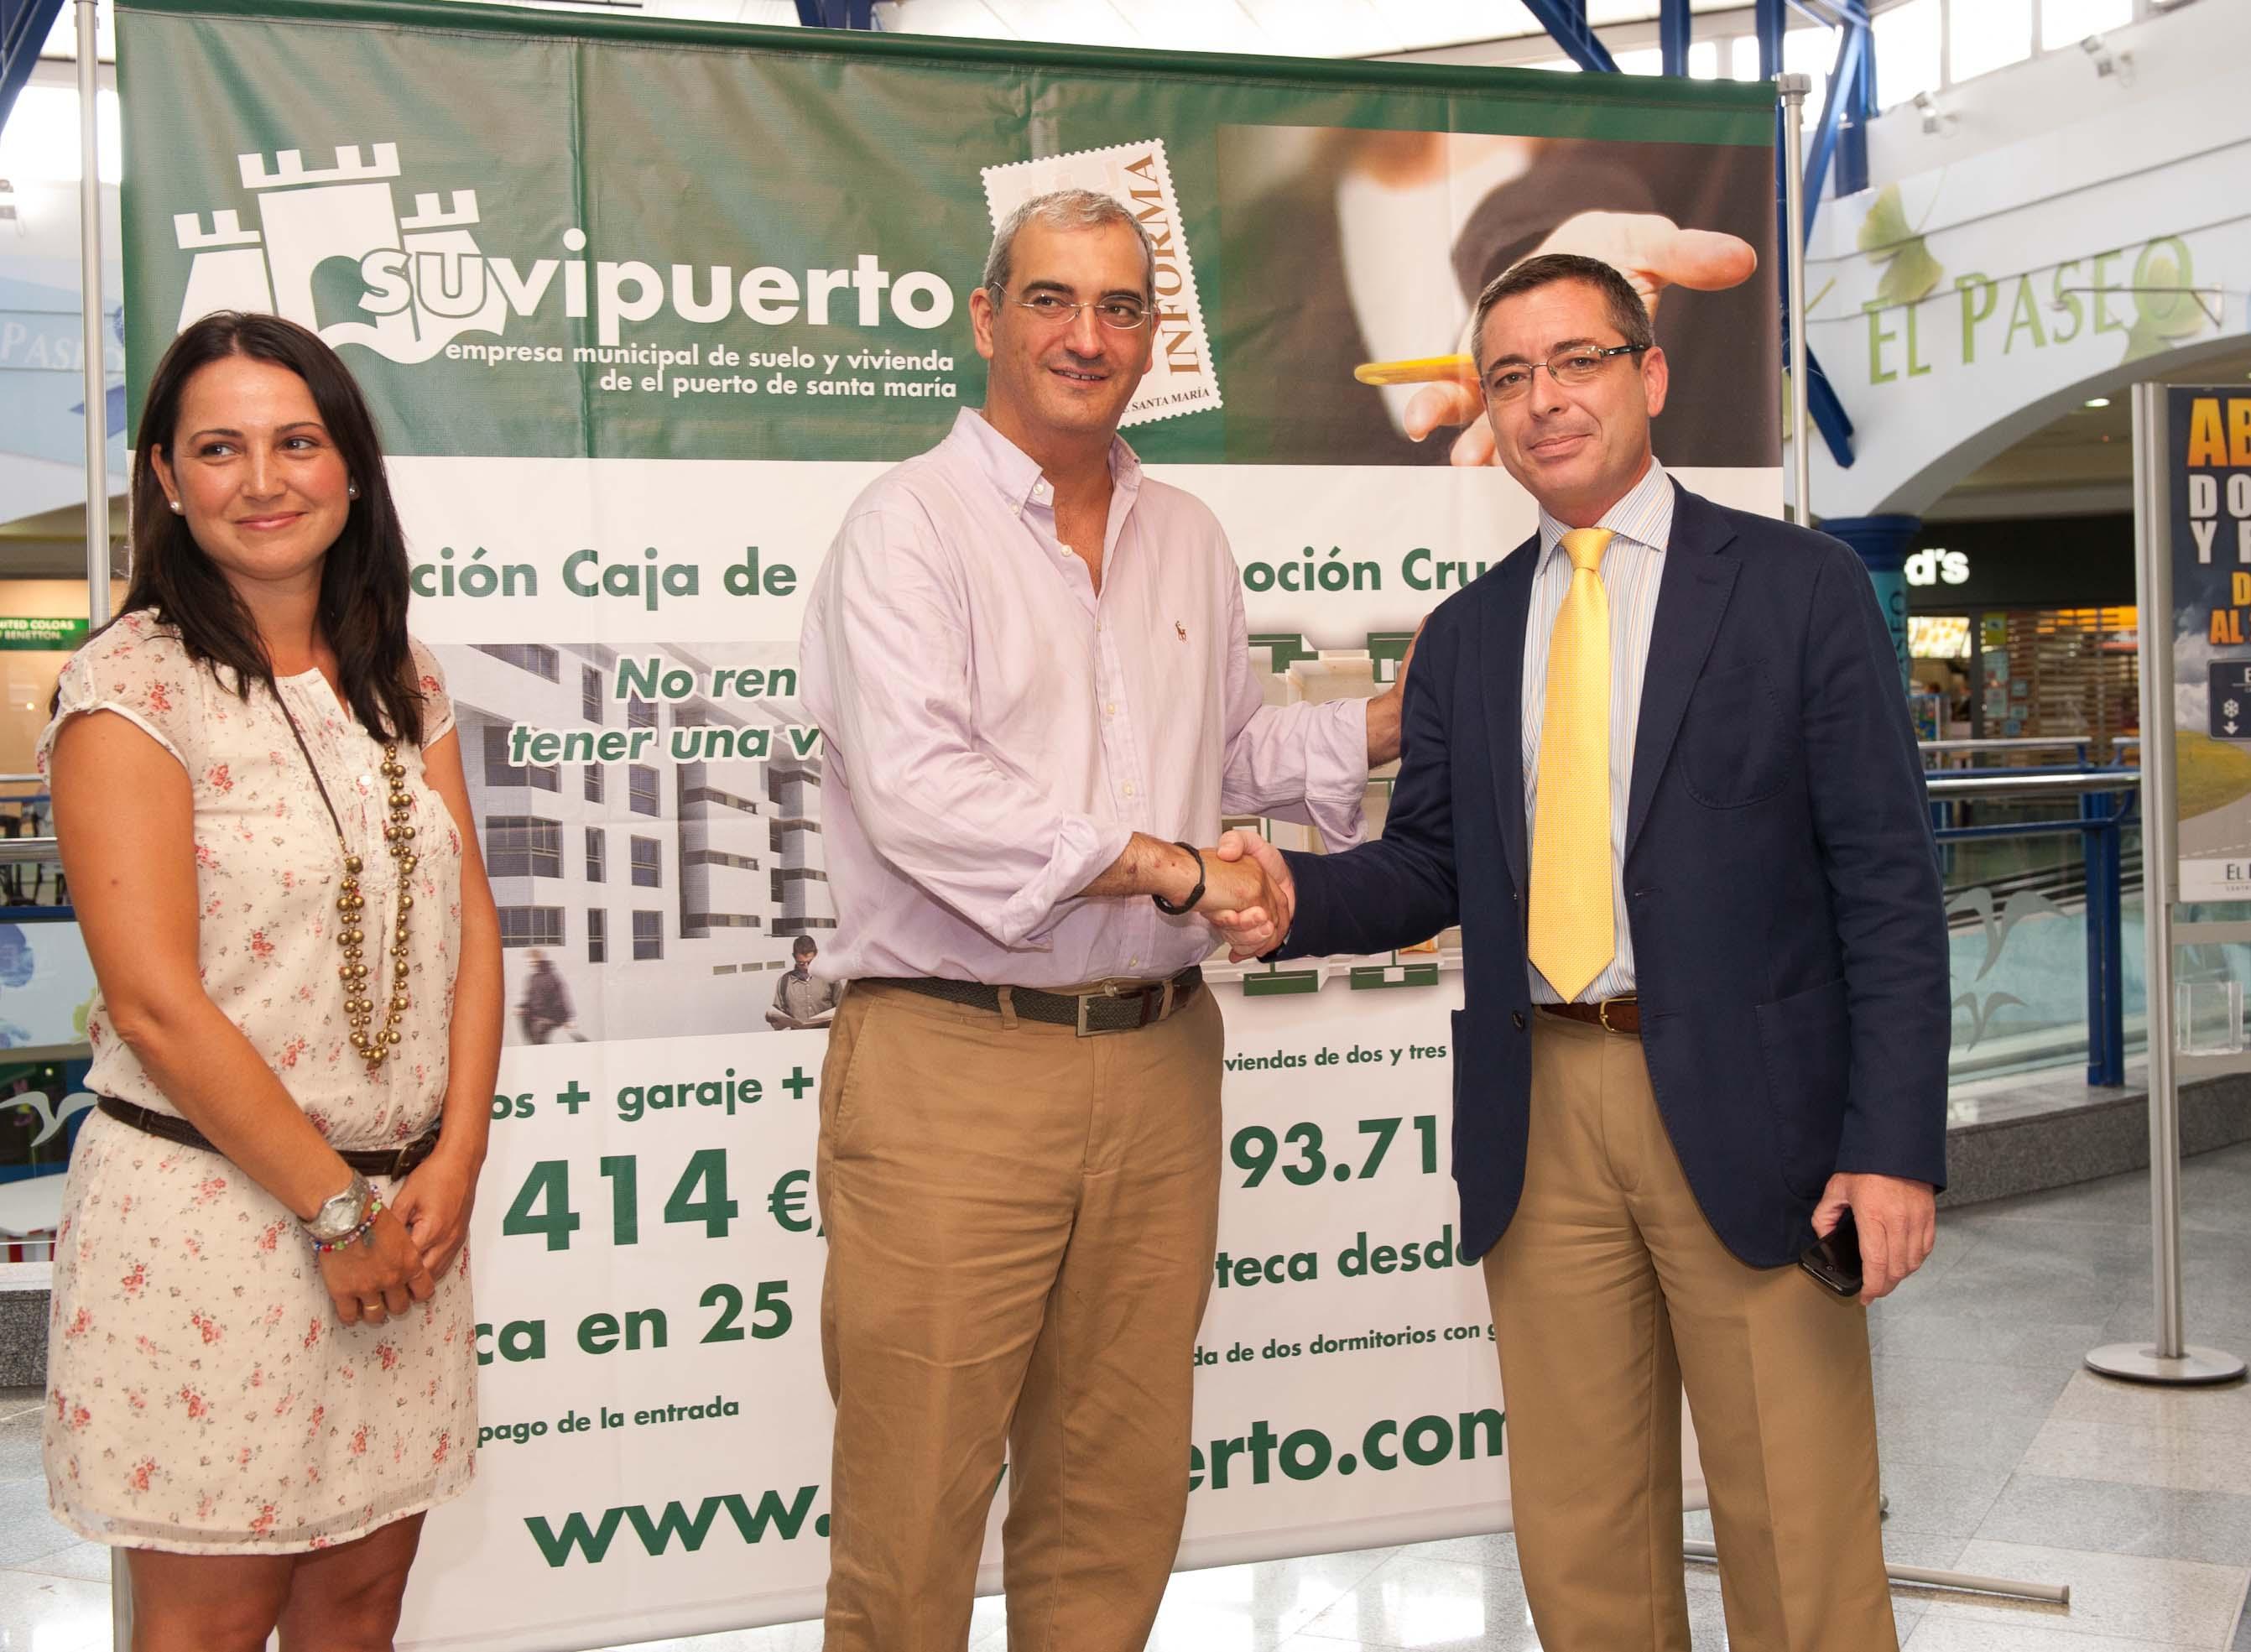 Suvipuerto informa sobre las promociones de VPO en el Centro Comercial  El Paseo.